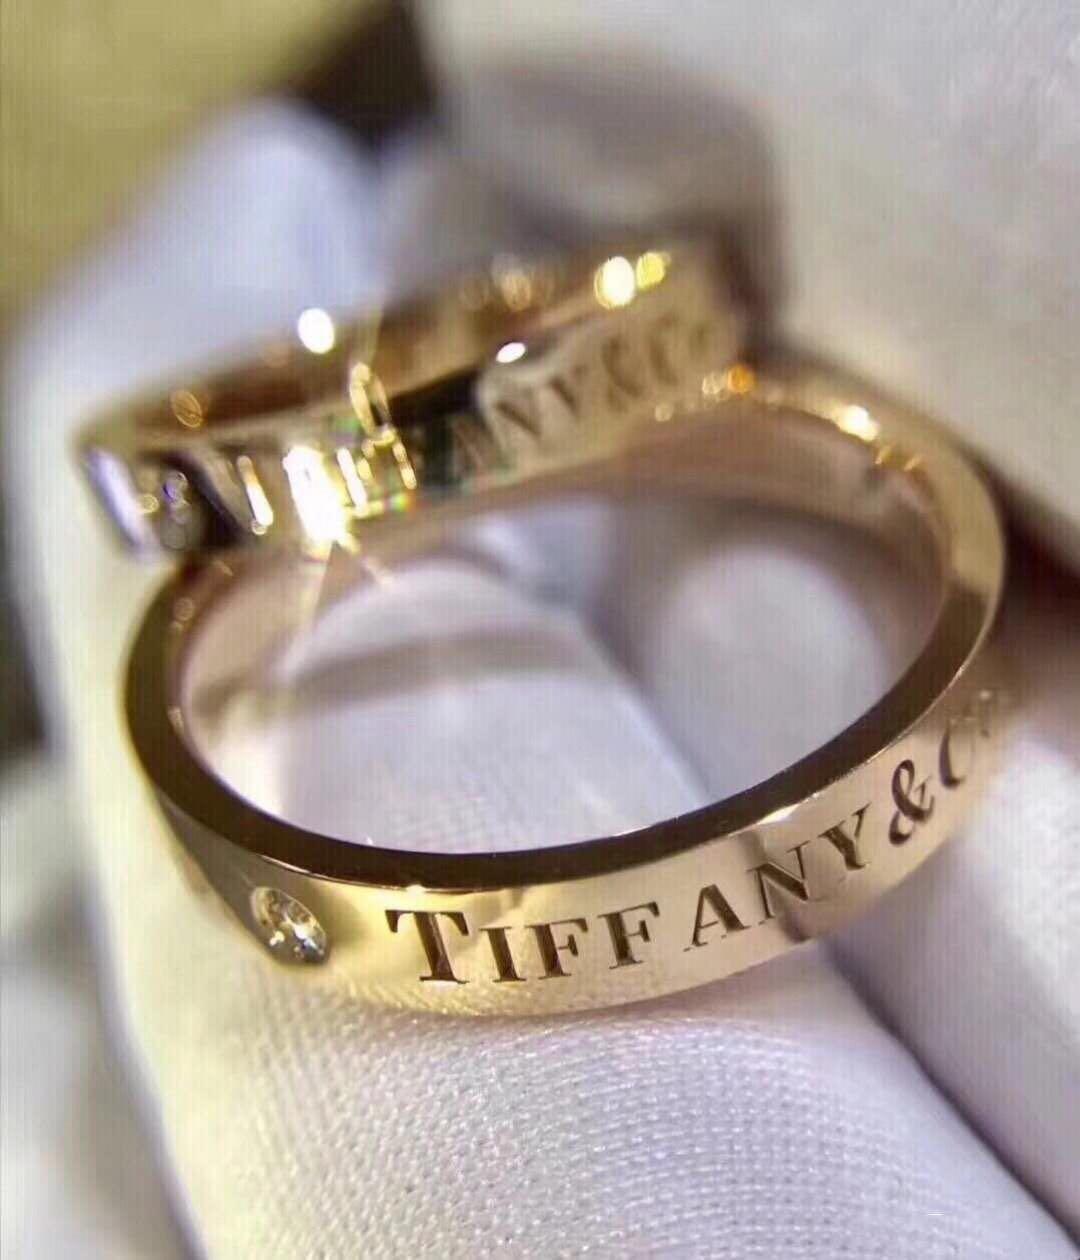 t家提夫尼925纯银18K男女情侣款对戒玫瑰彩金白蒂凡尼戒指